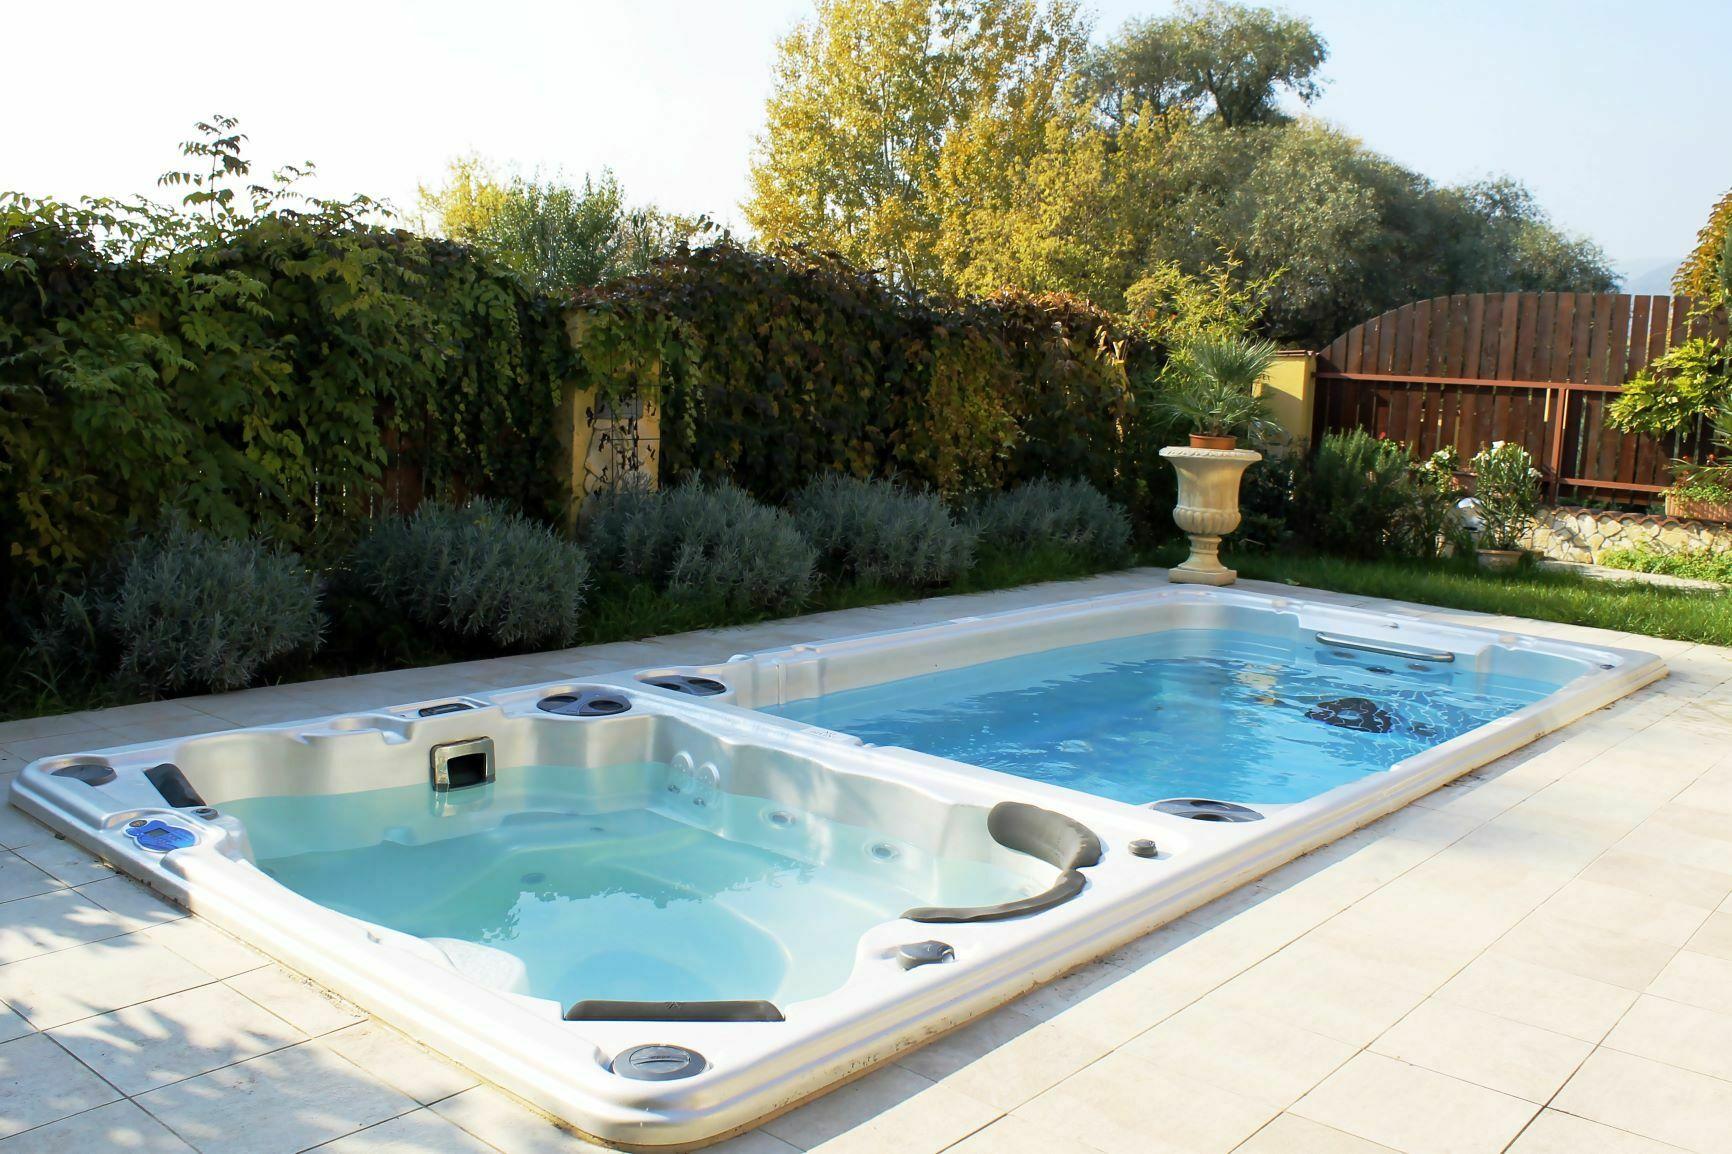 hydropool swim spa and hot tub installation